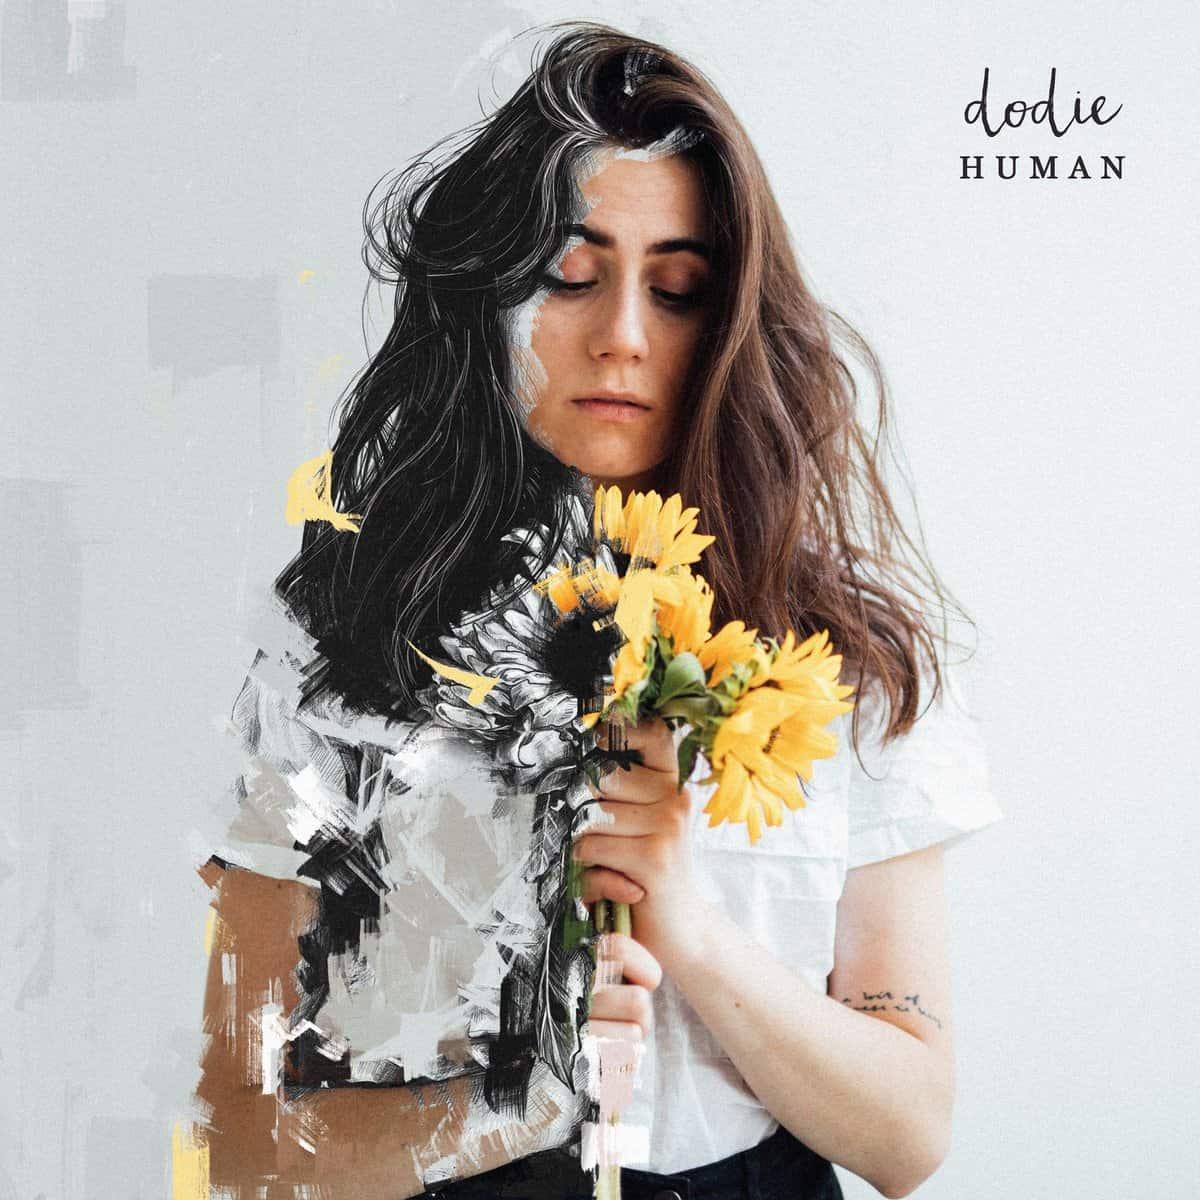 Dodie-Human